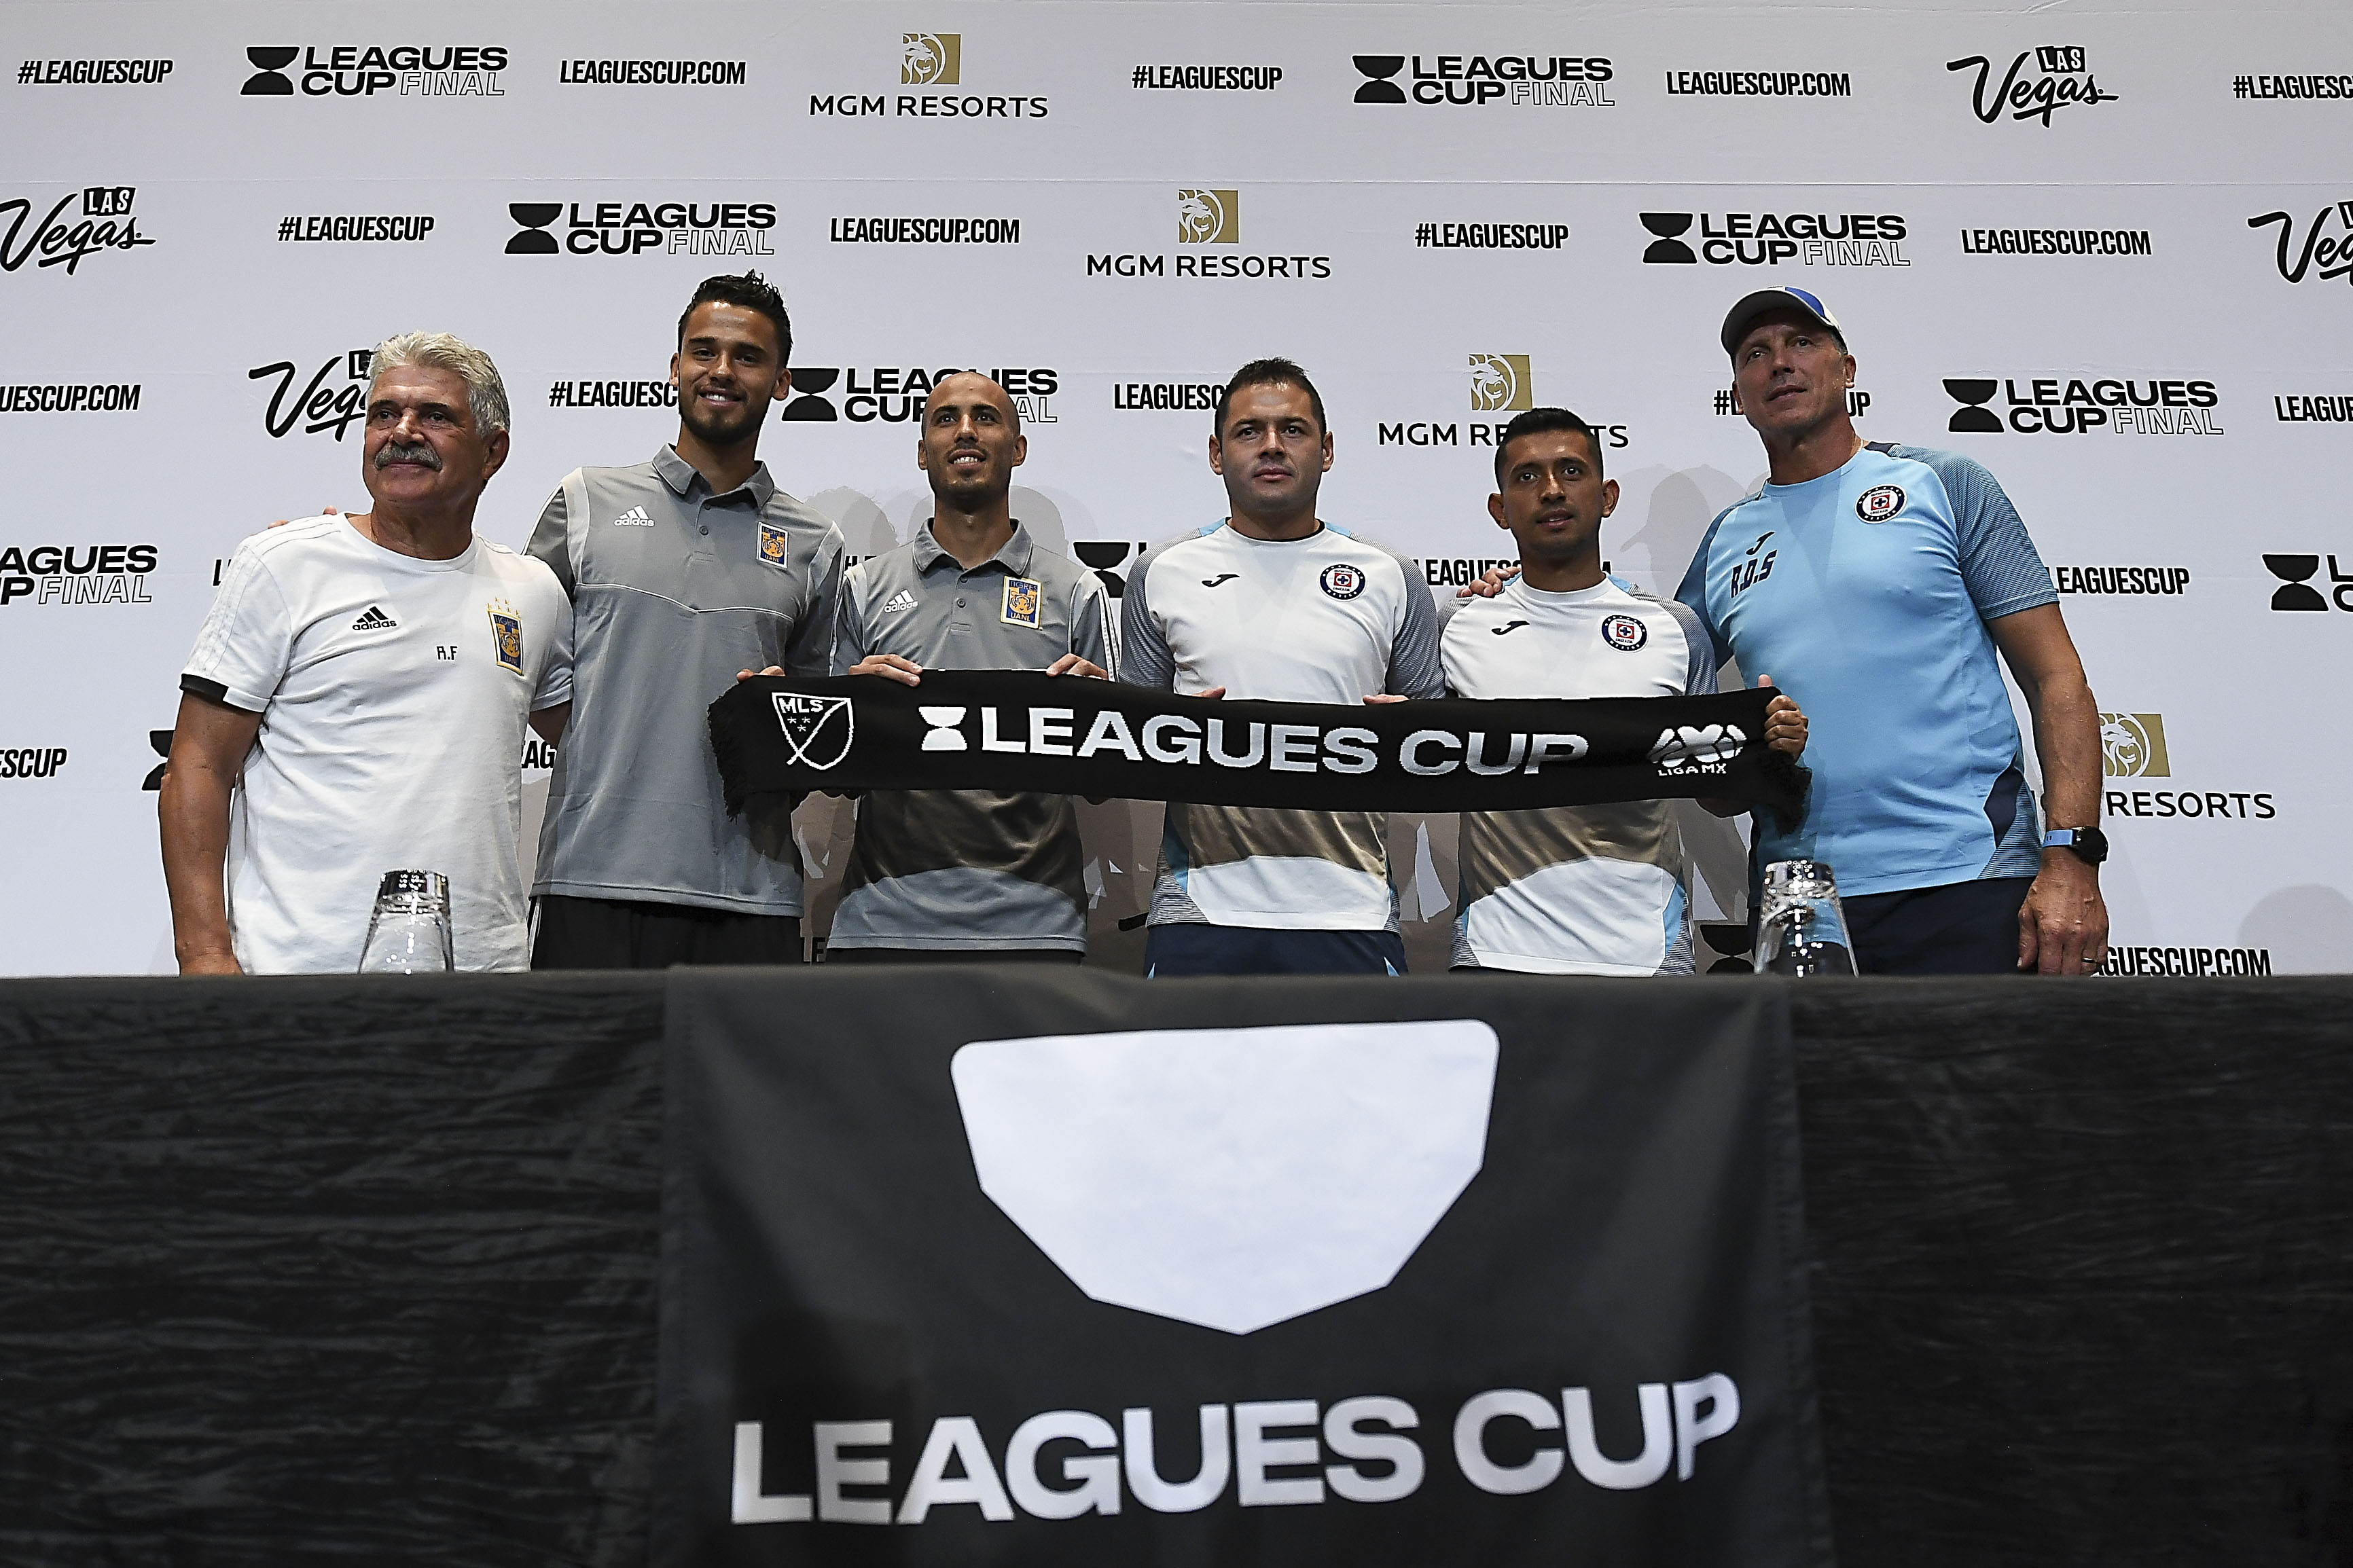 Perder la Leagues Cup sería un fracaso en la temporada de Cruz Azul